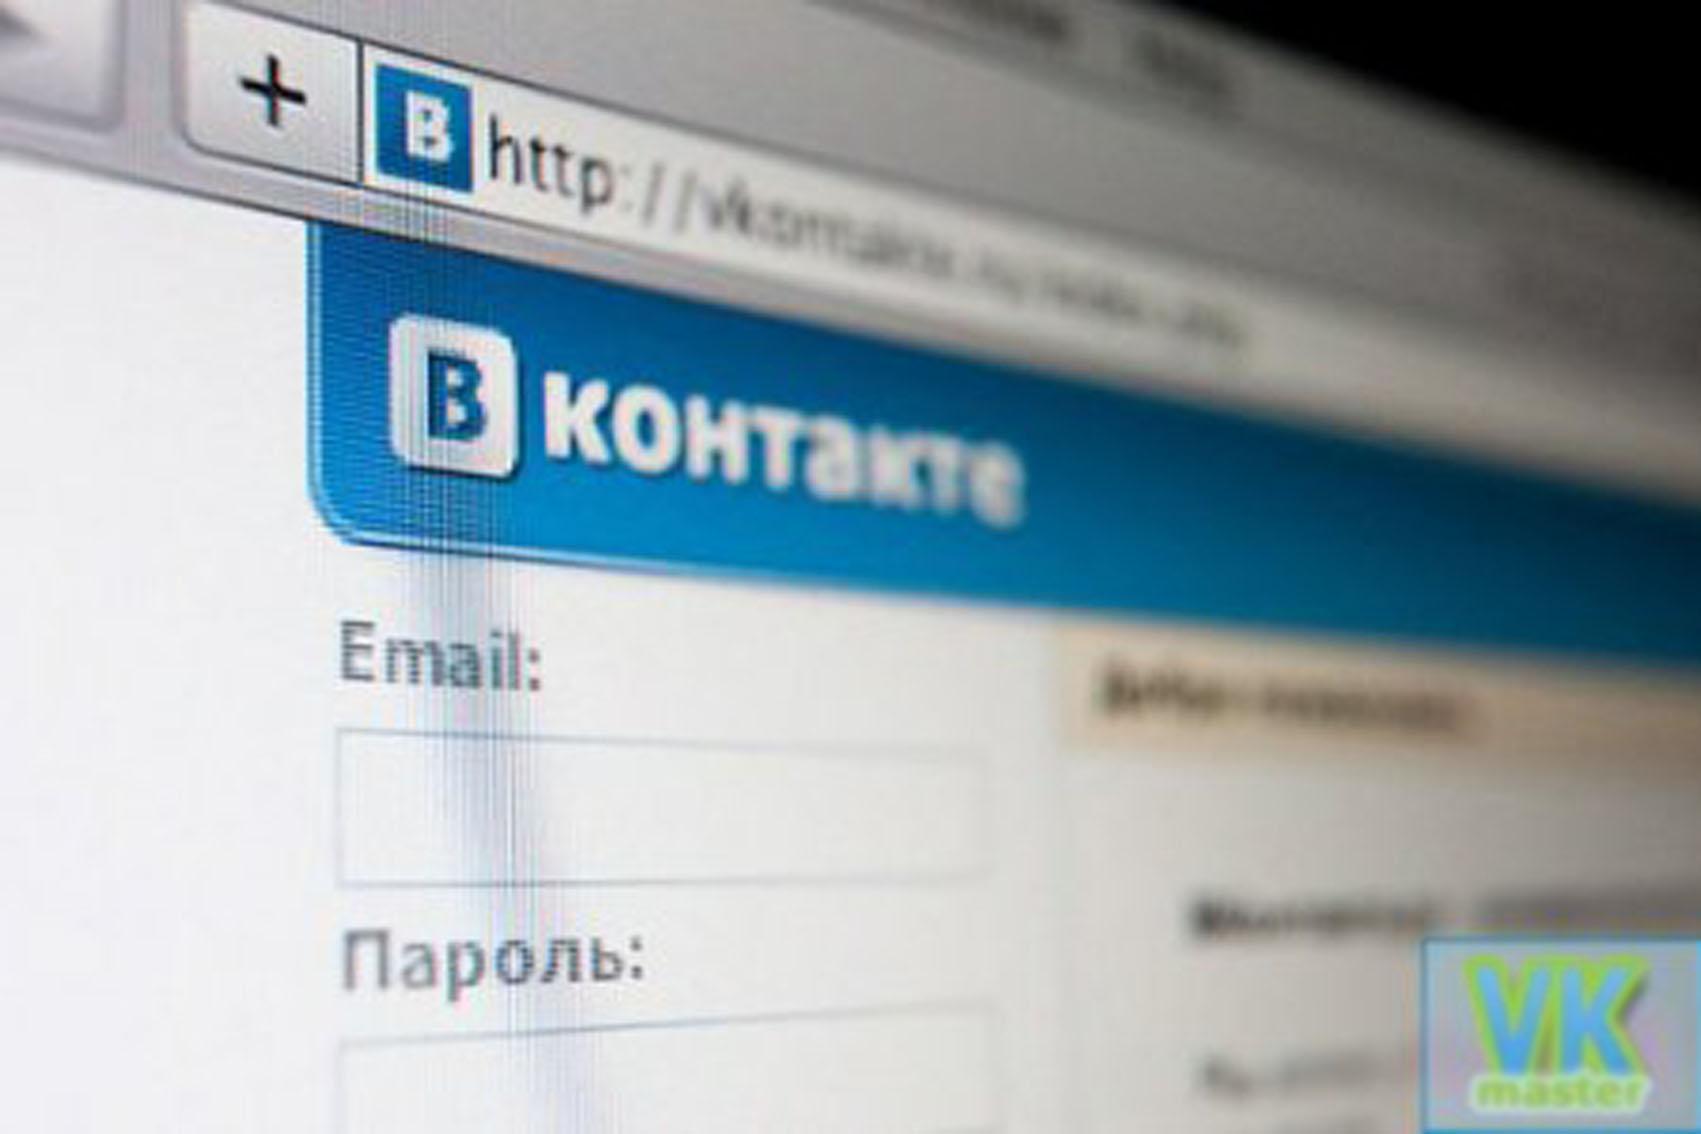 Около 7 часов в месяц среднестатистический пользователь проводит на страницах ВКонтакте, и лишь 1 час 12 минут в Facebook